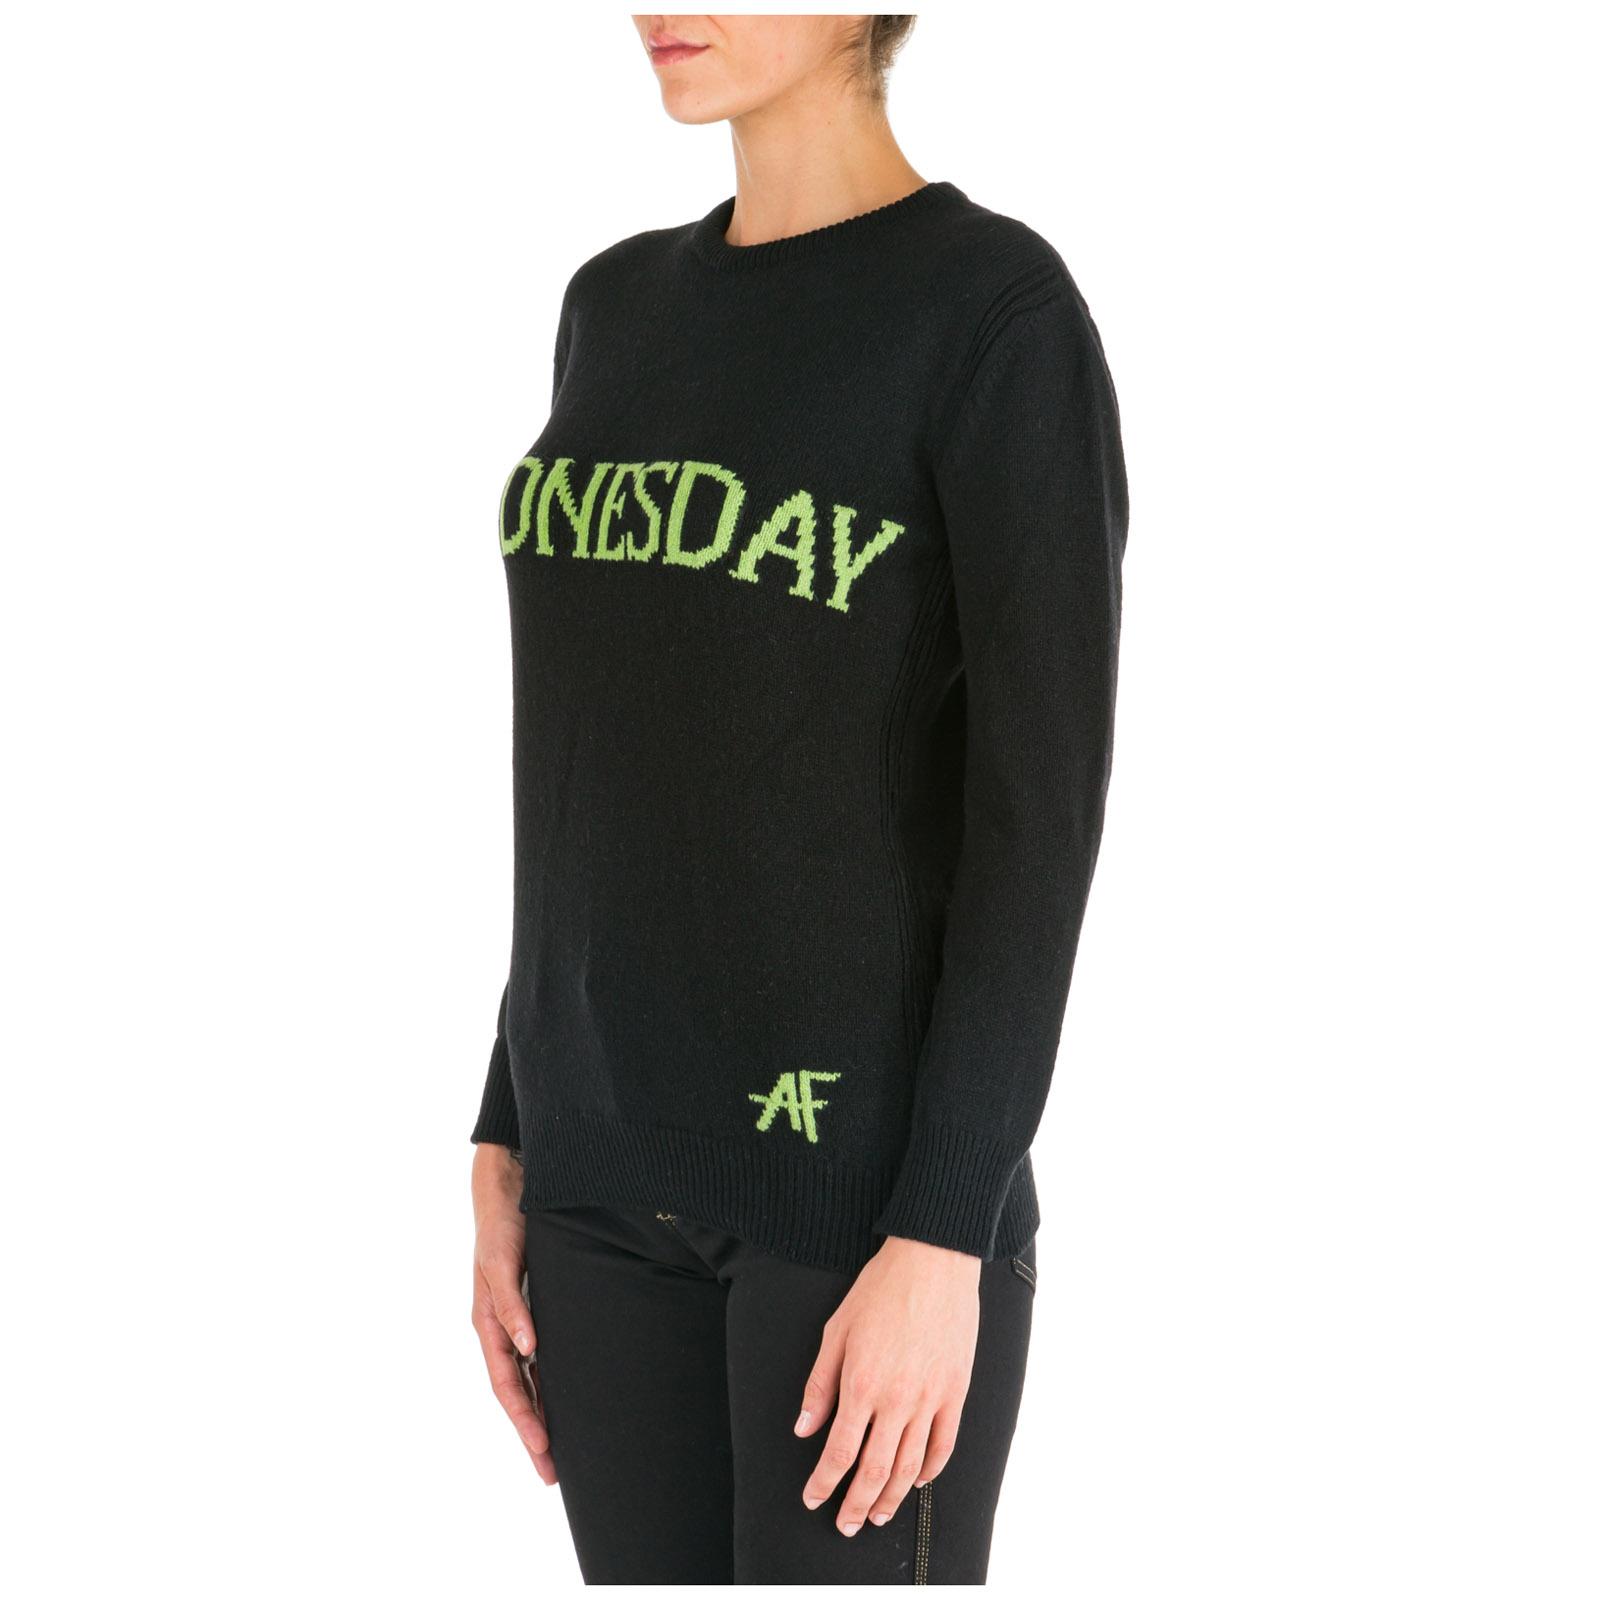 Women's jumper sweater crew neck round rainbow week wednesday